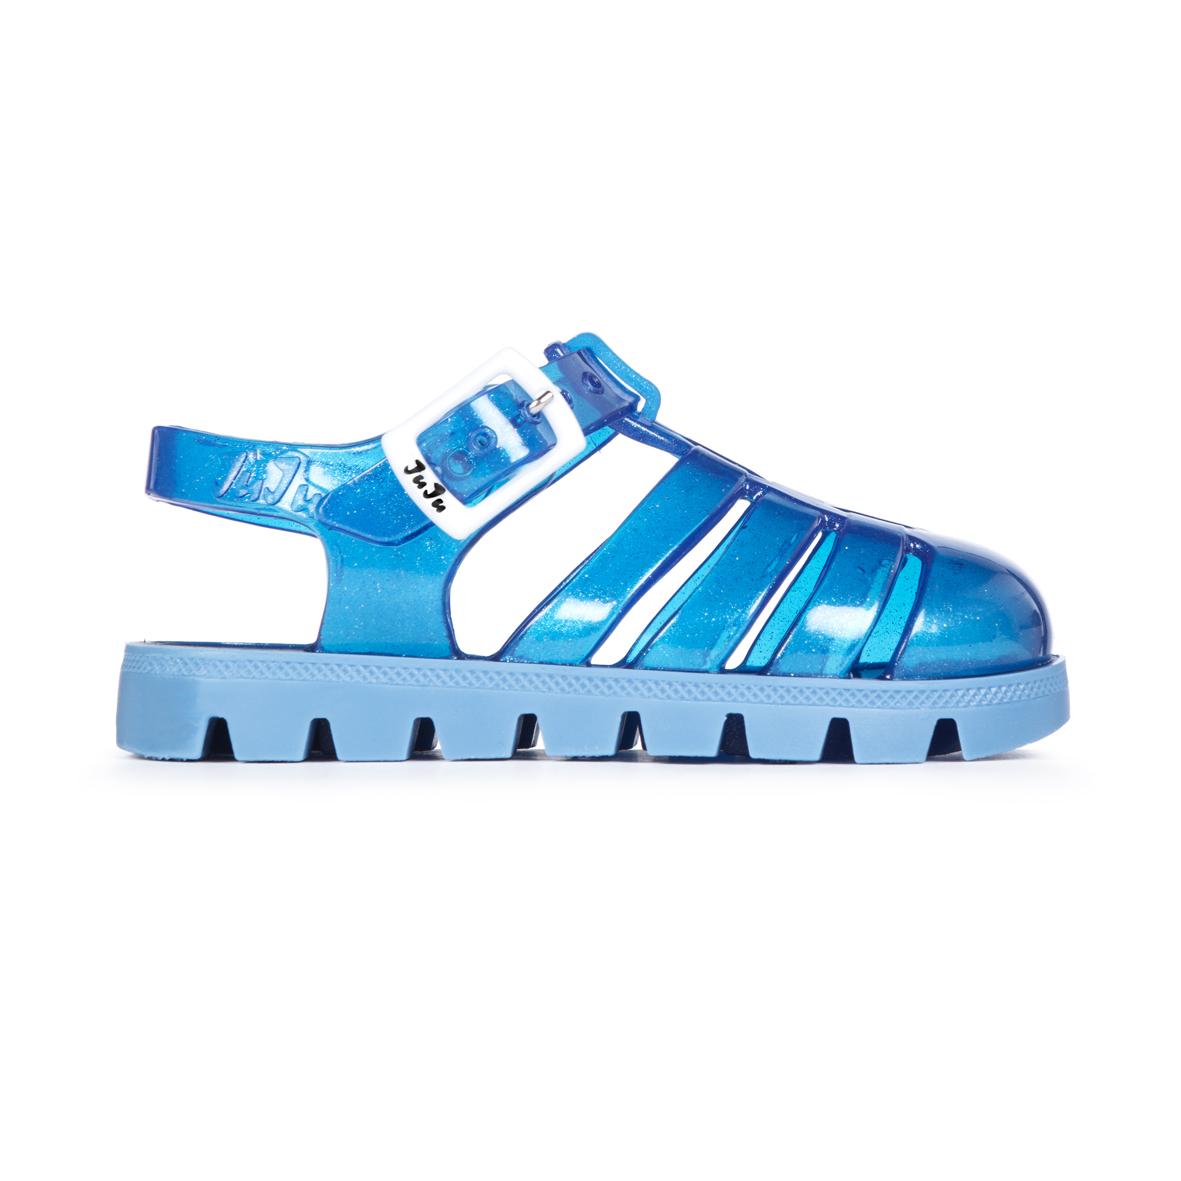 NINO DENIM BLUE SPARKLES.DENIM BLUE LR #1.jpg